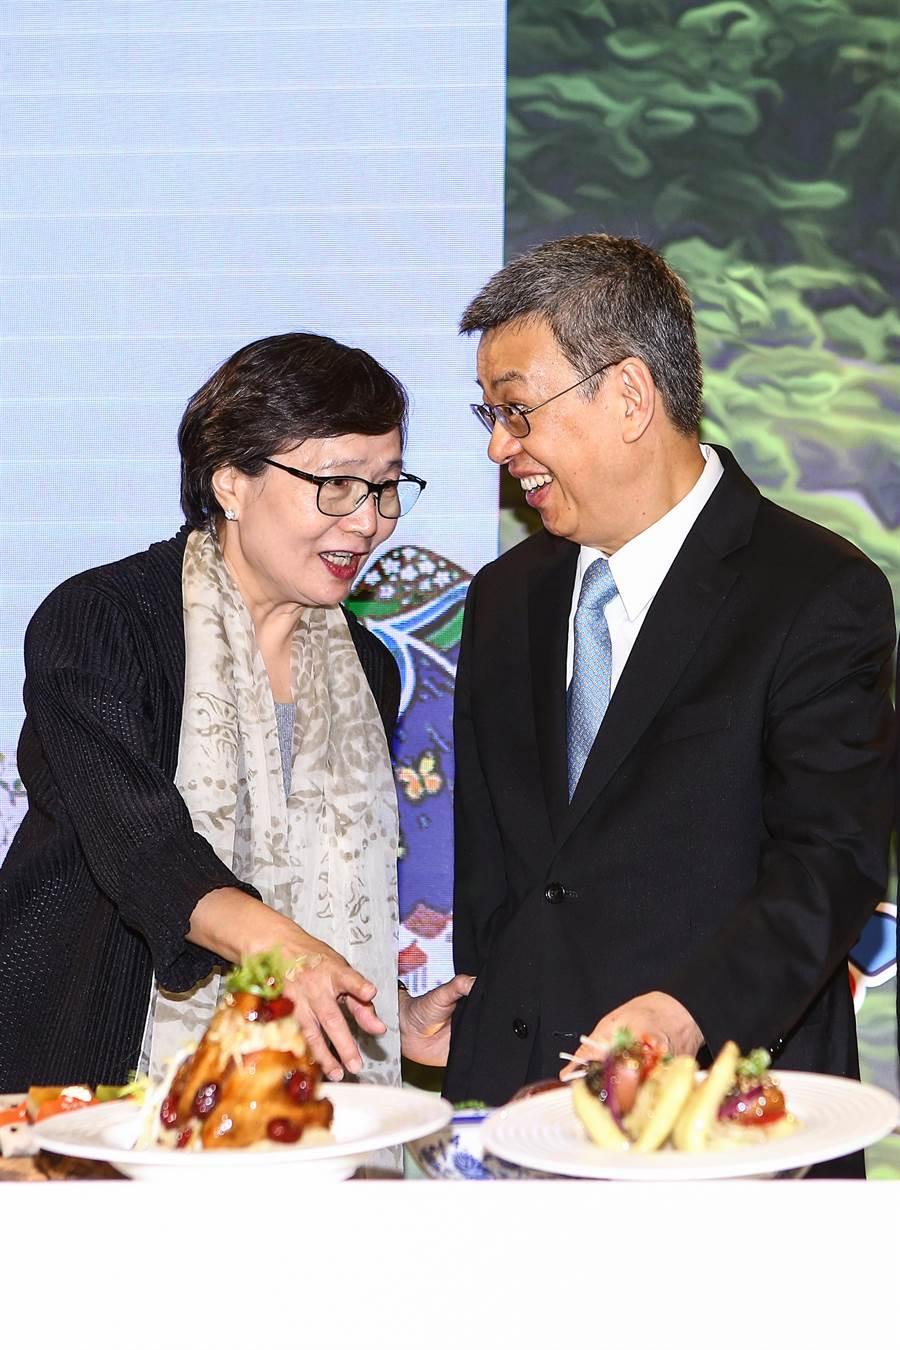 2018台灣美食展10起至13日,在台北世貿一館隆重登場,打造5大展區、21個主題館,副總統陳建仁(右)與台灣觀光協會長葉菊蘭(左)等人均出席。(鄧博仁攝)